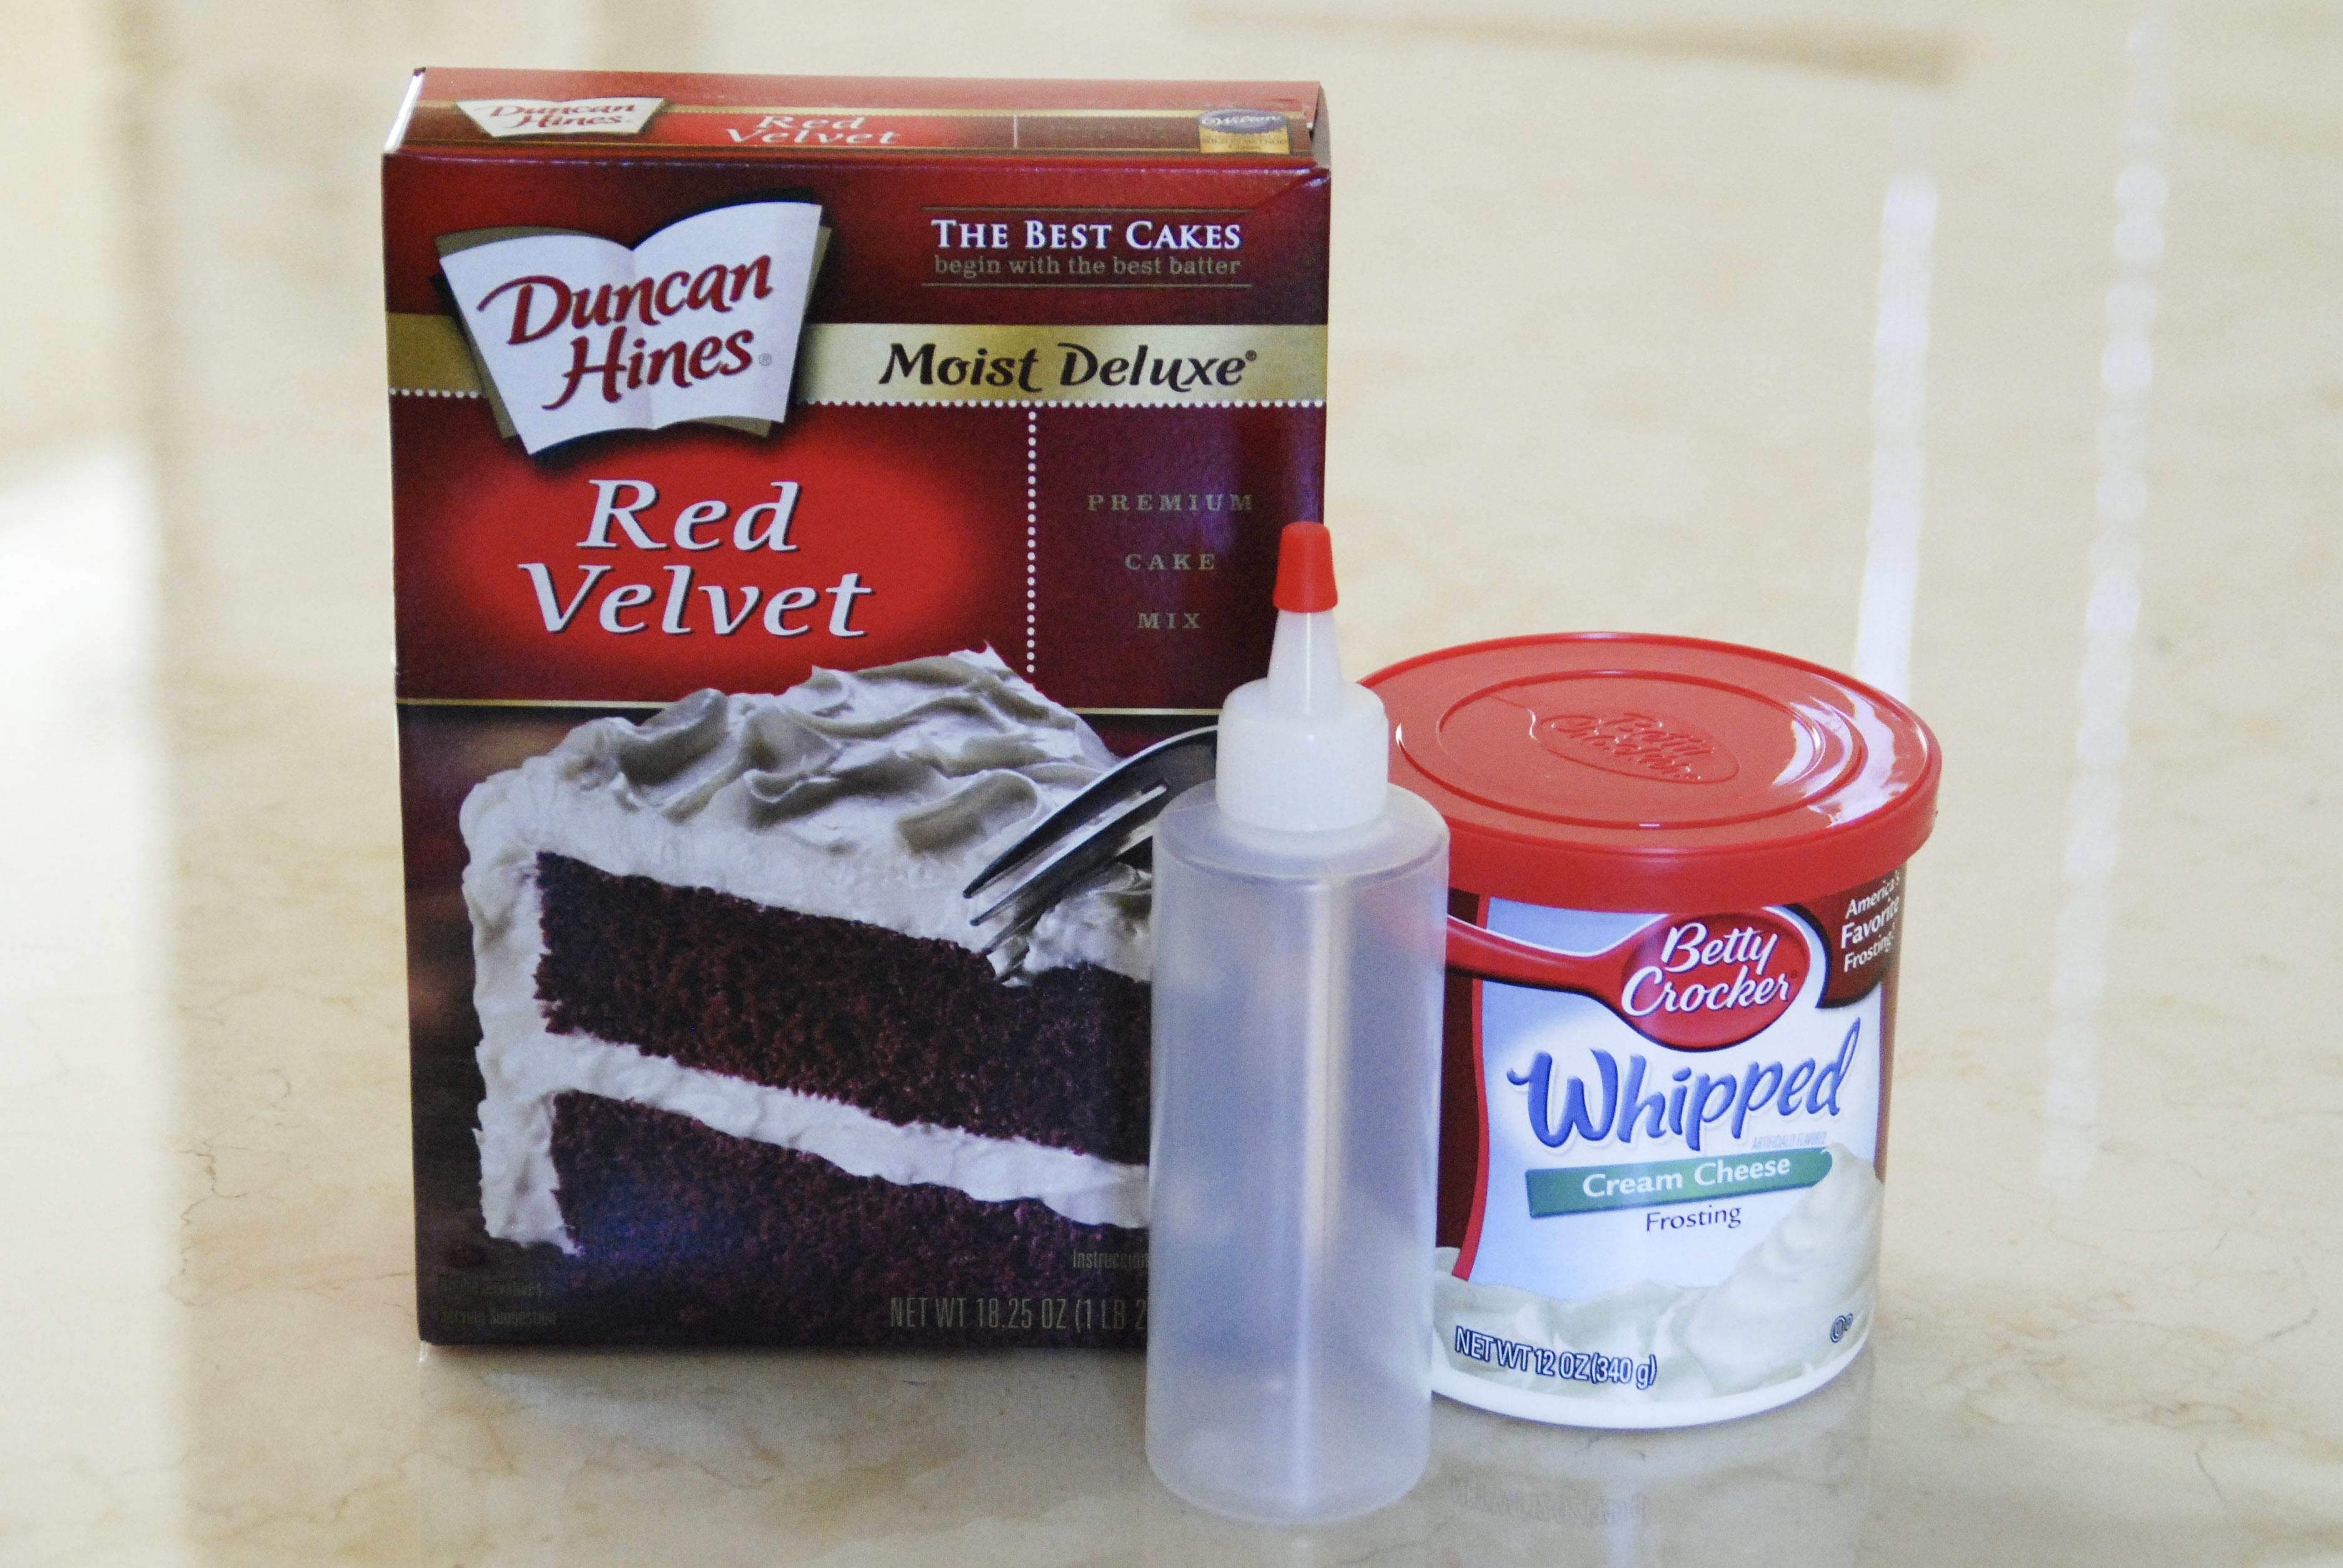 Red Velvet Cake Balls Dipped In Chocolate